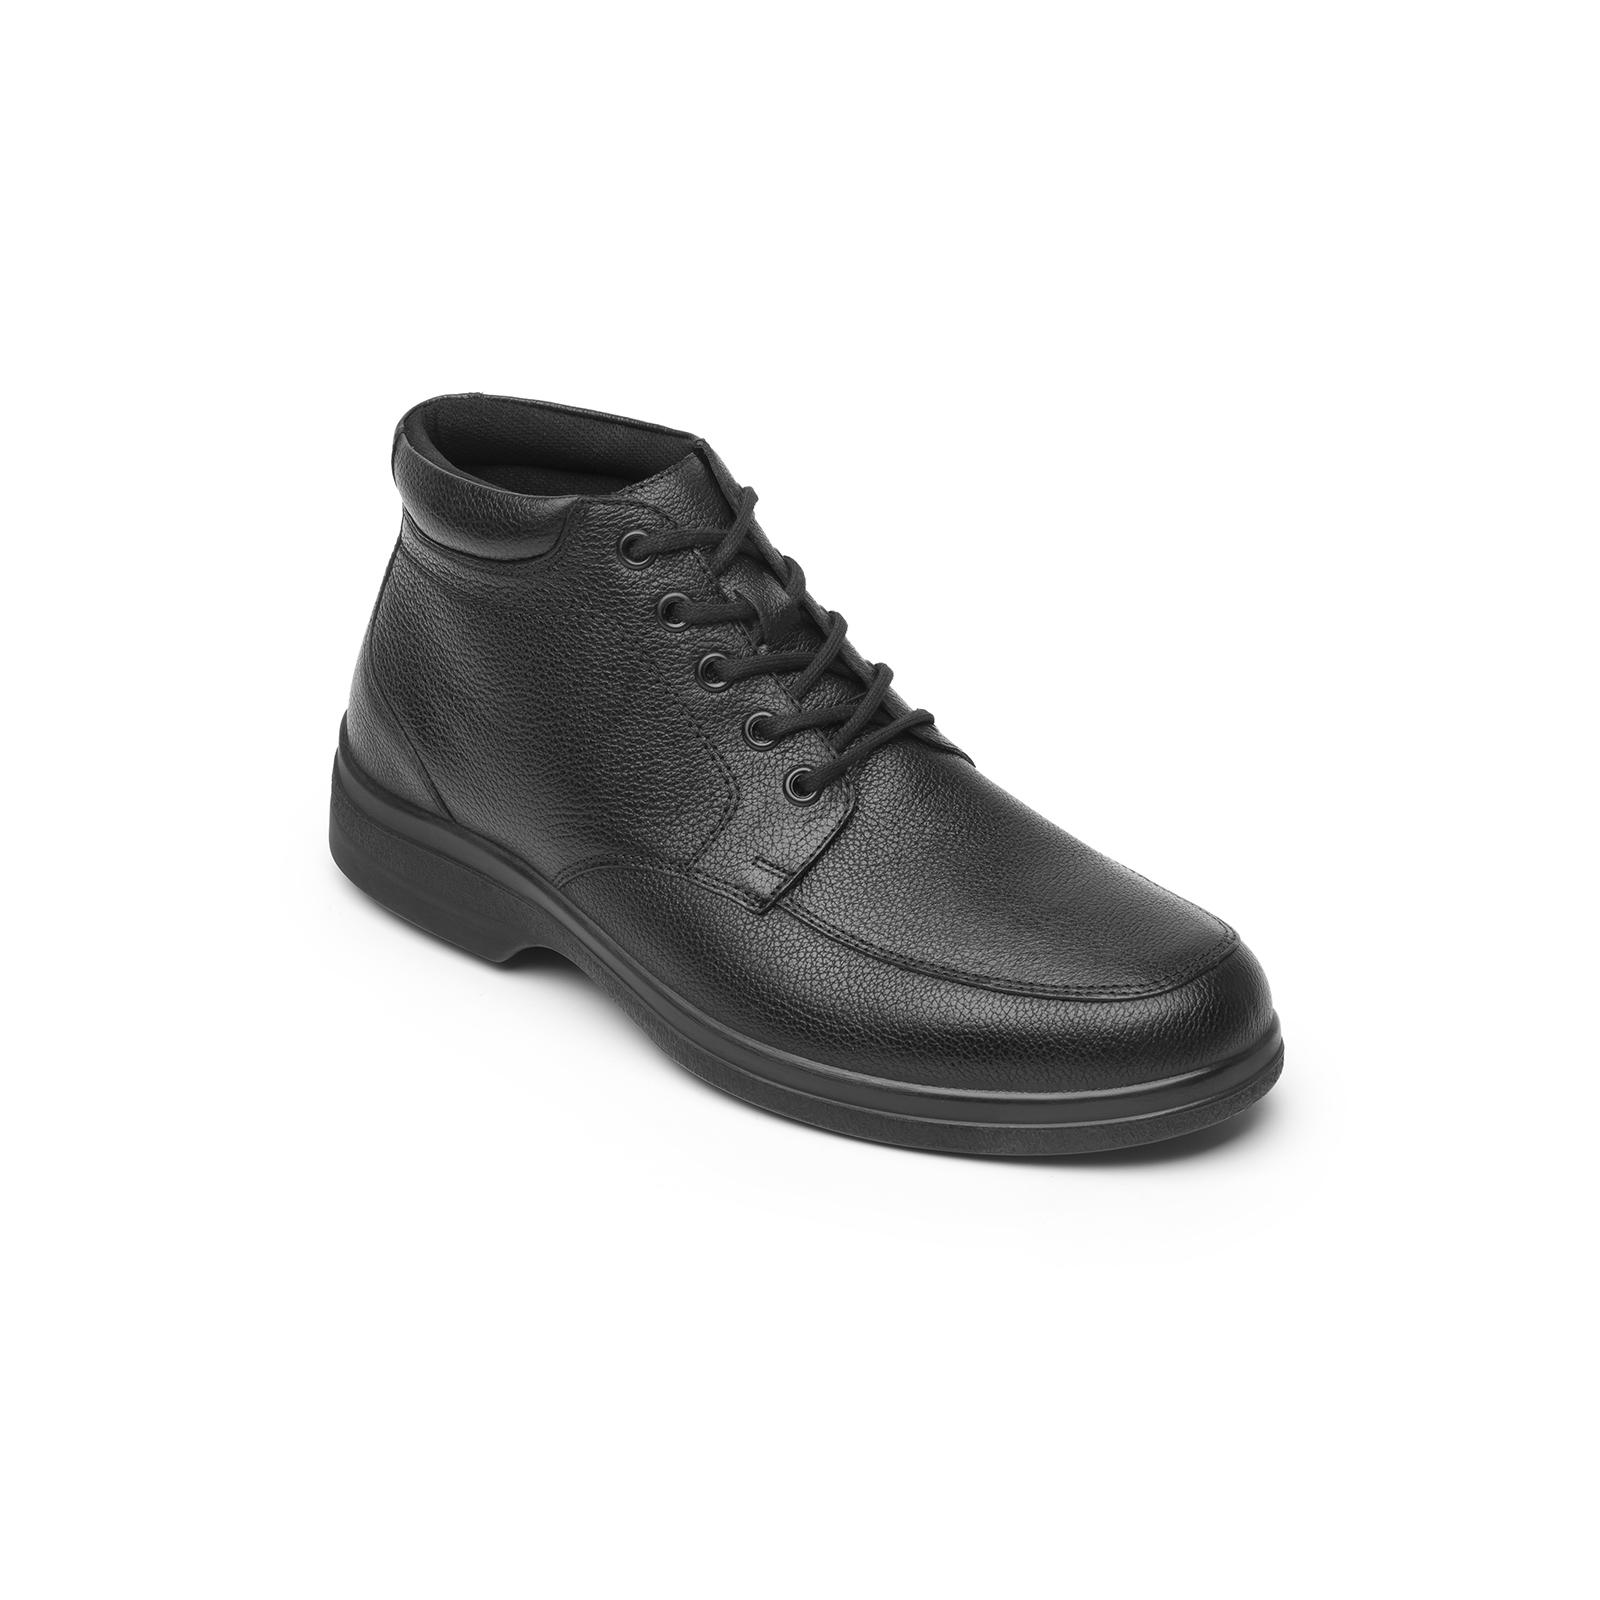 4db1dac4 Zapatos para caballero - Zapaterías Flexi México